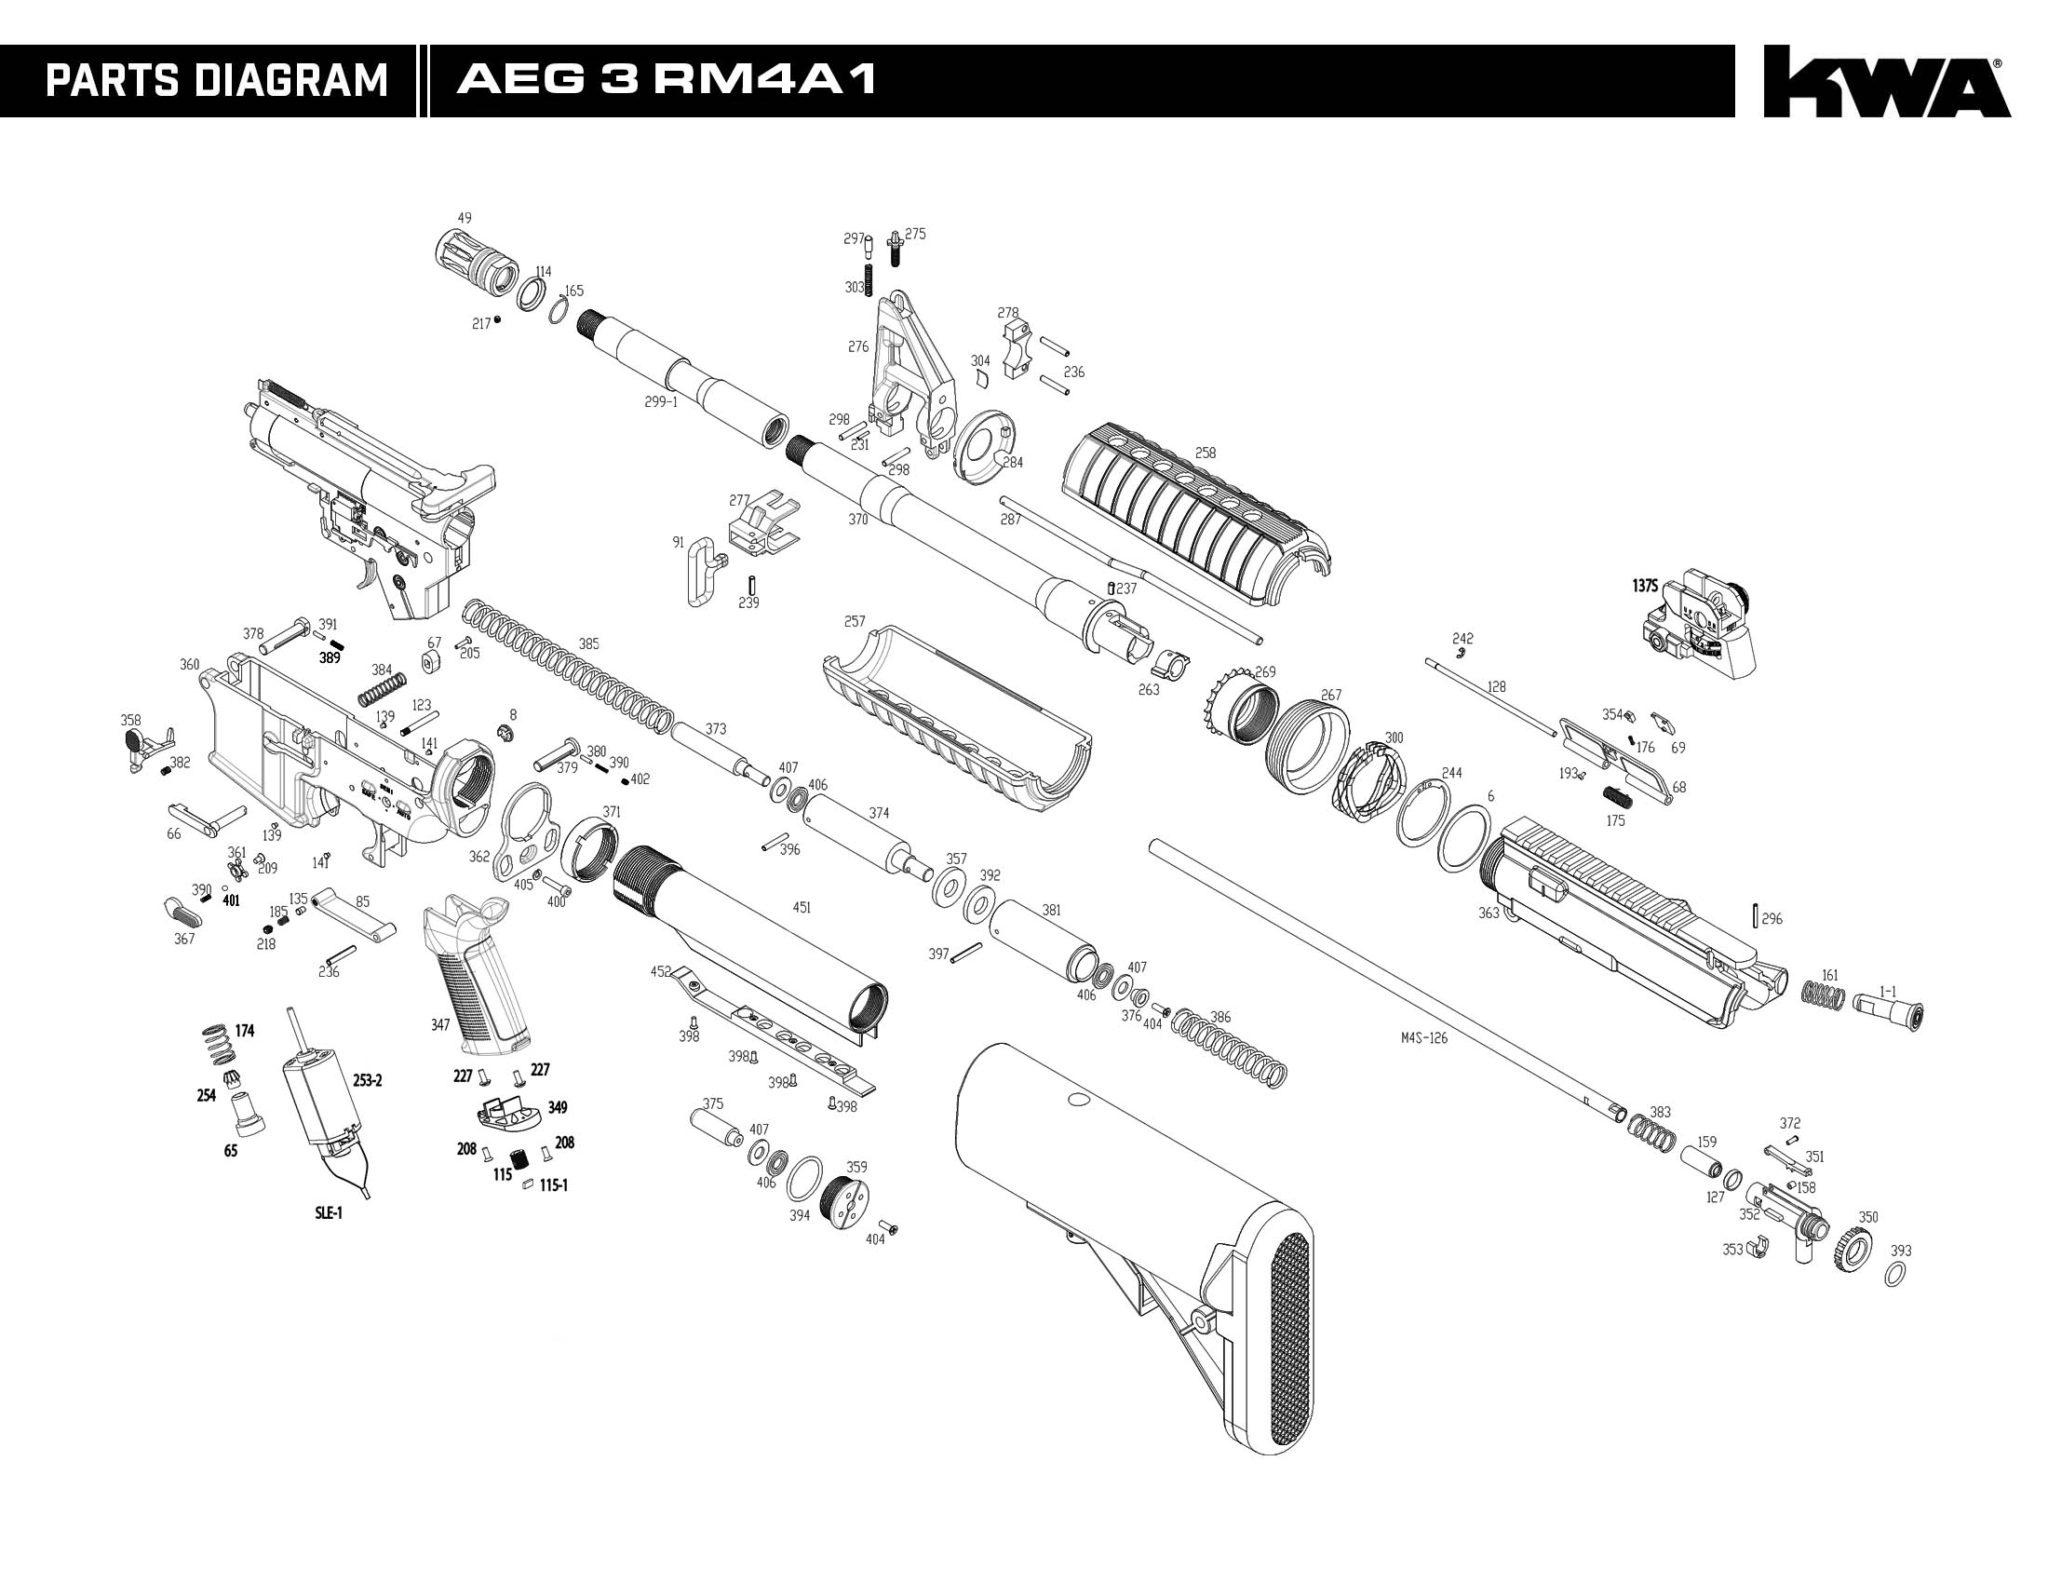 aeg gearbox diagram